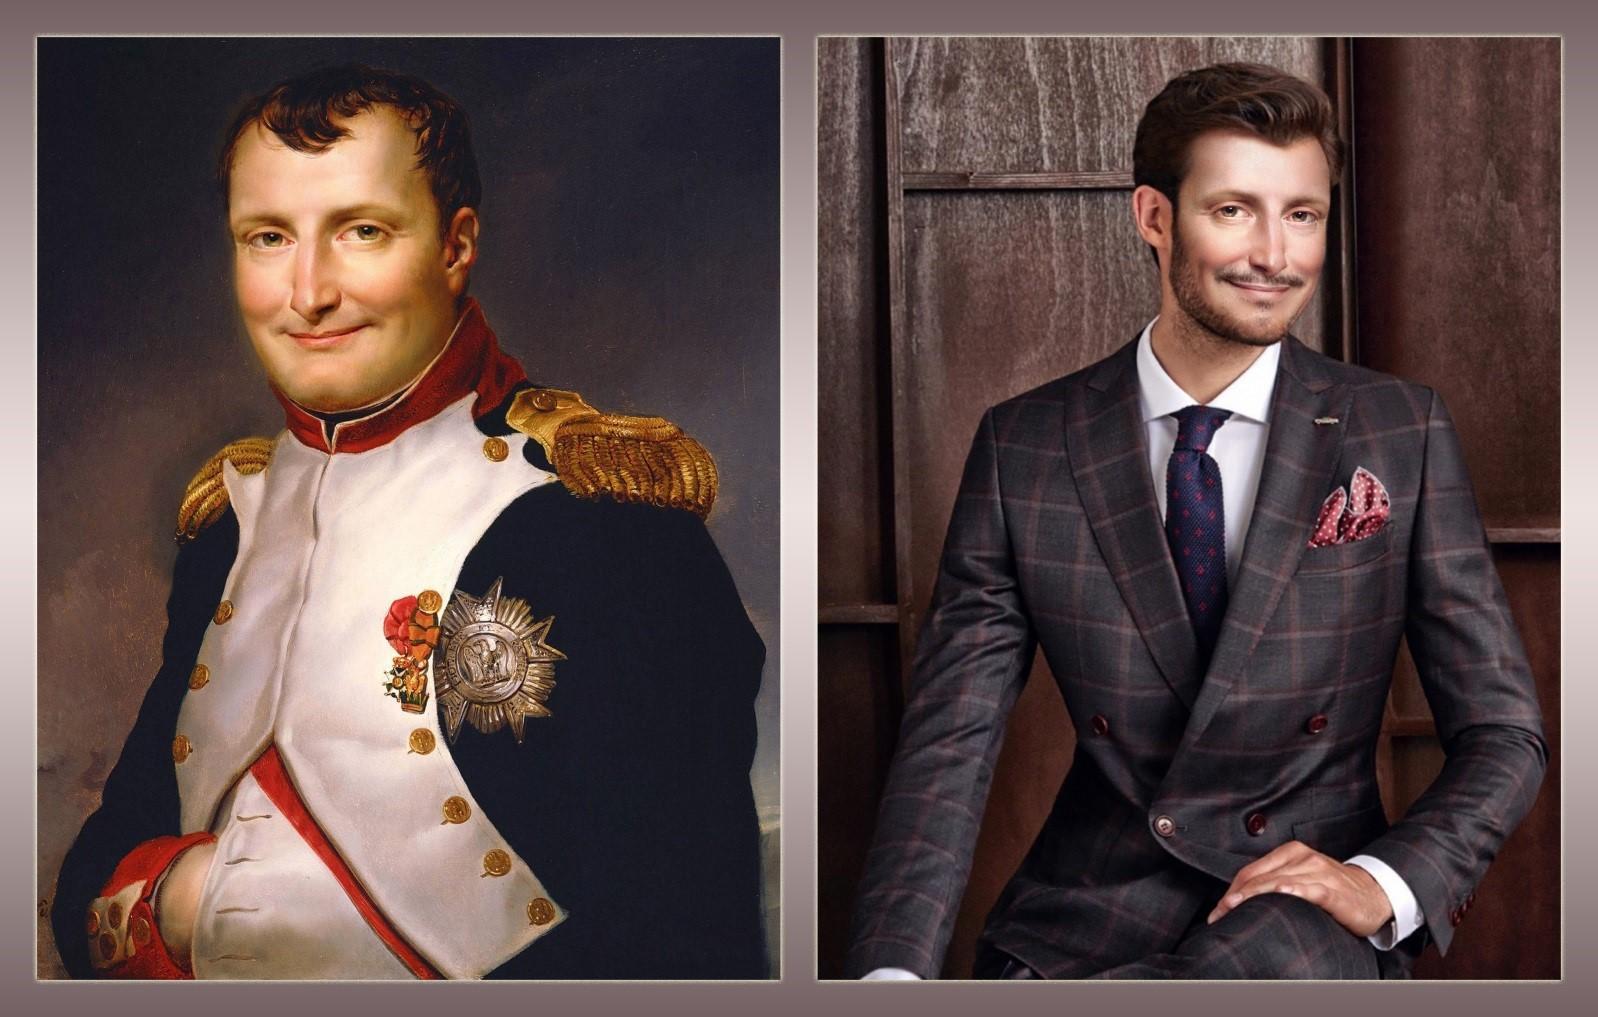 Как выглядели бы Екатерина II, Наполеон, Мария-Антуанетта, Пушкин и Лермонтов, если бы жили в наши дни